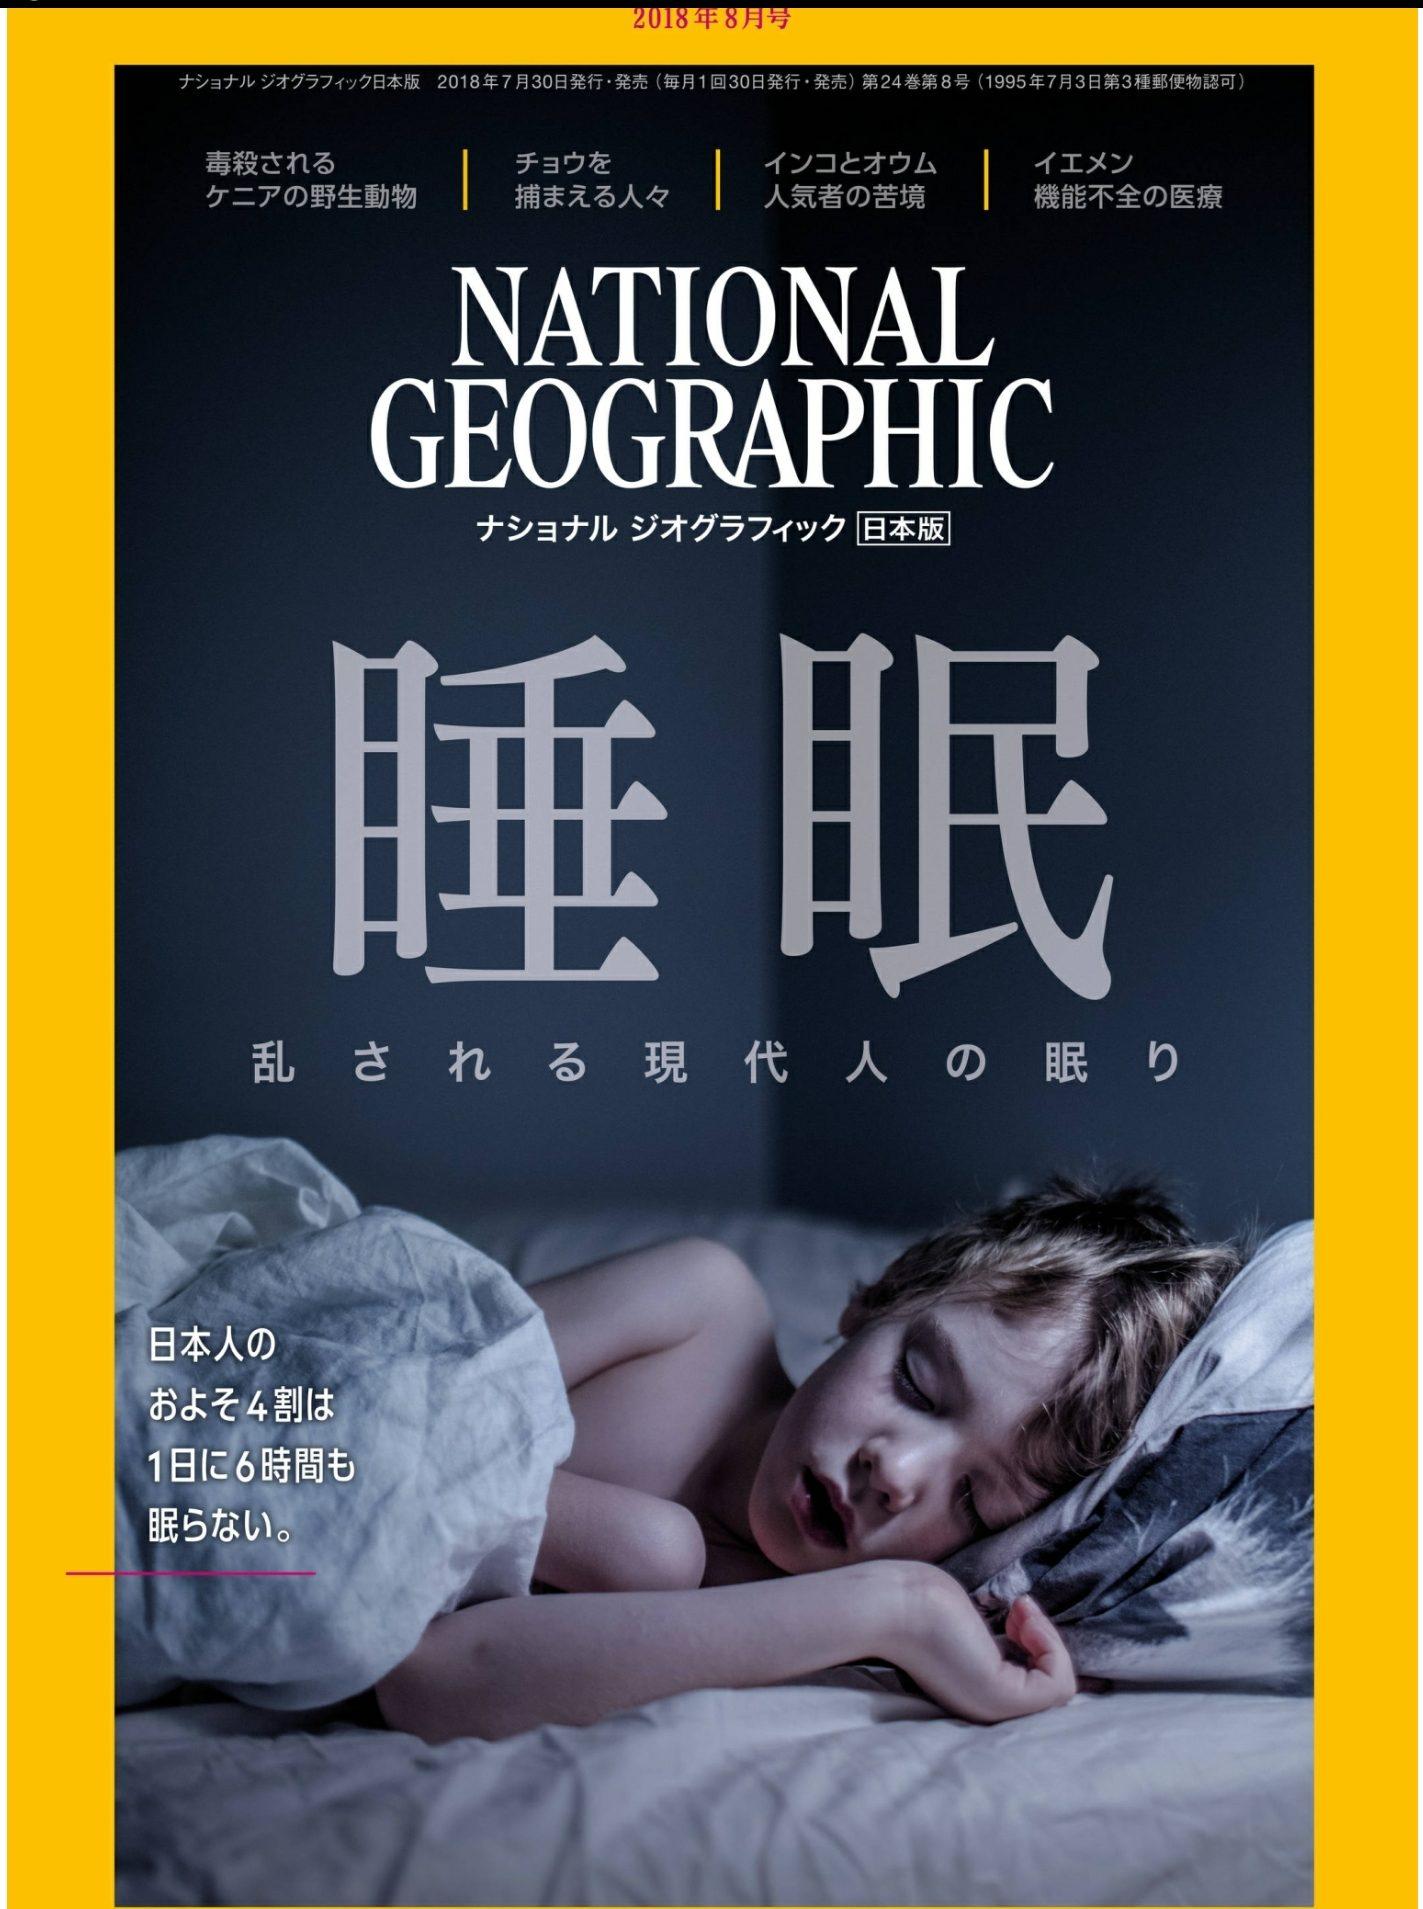 『ナショナルジオグラフィック』2018.8月号